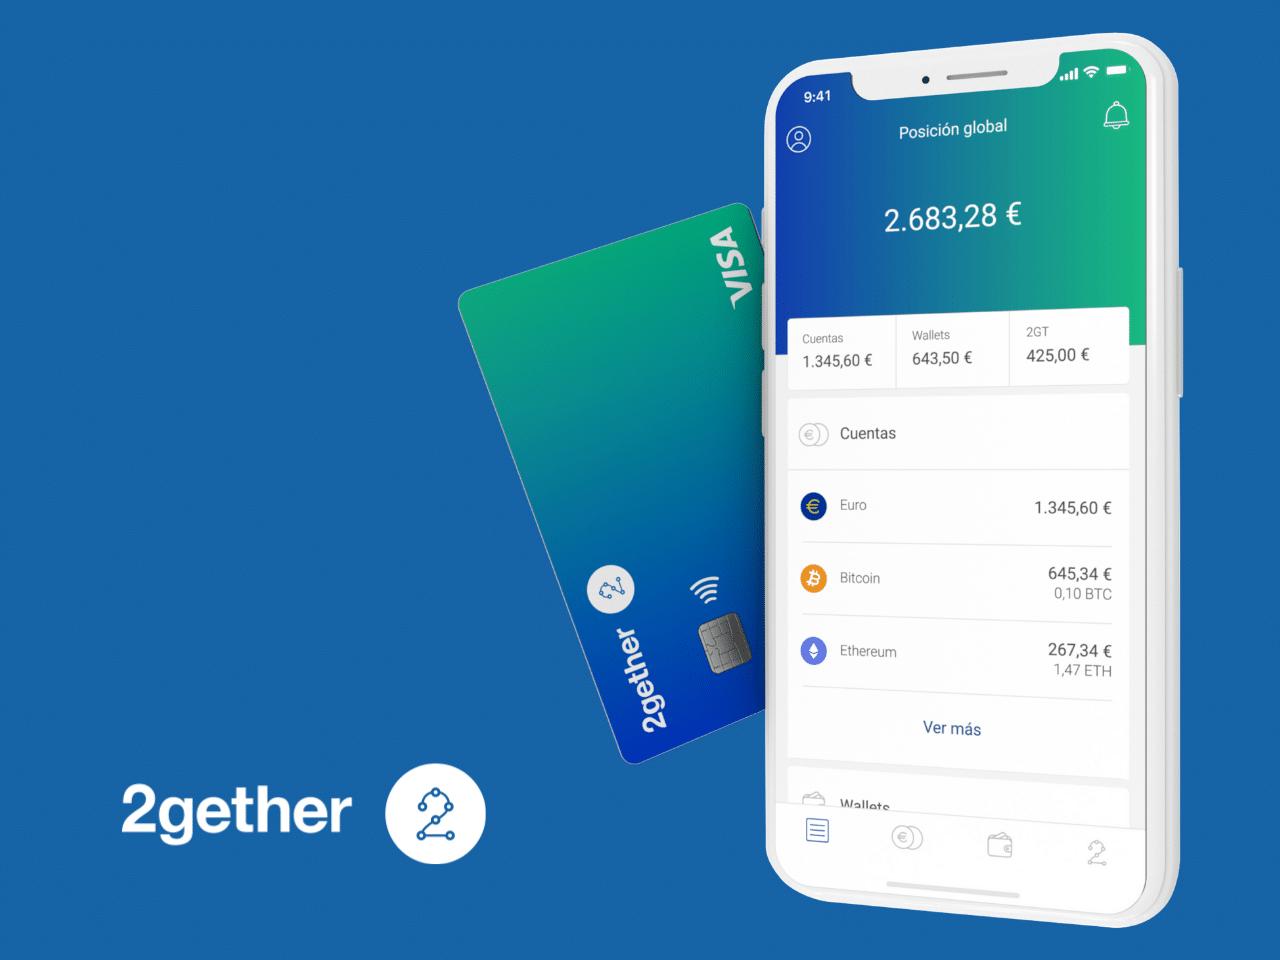 Tutti i vantaggi di 2gether, l'app per comprare criptovalute con carta Visa